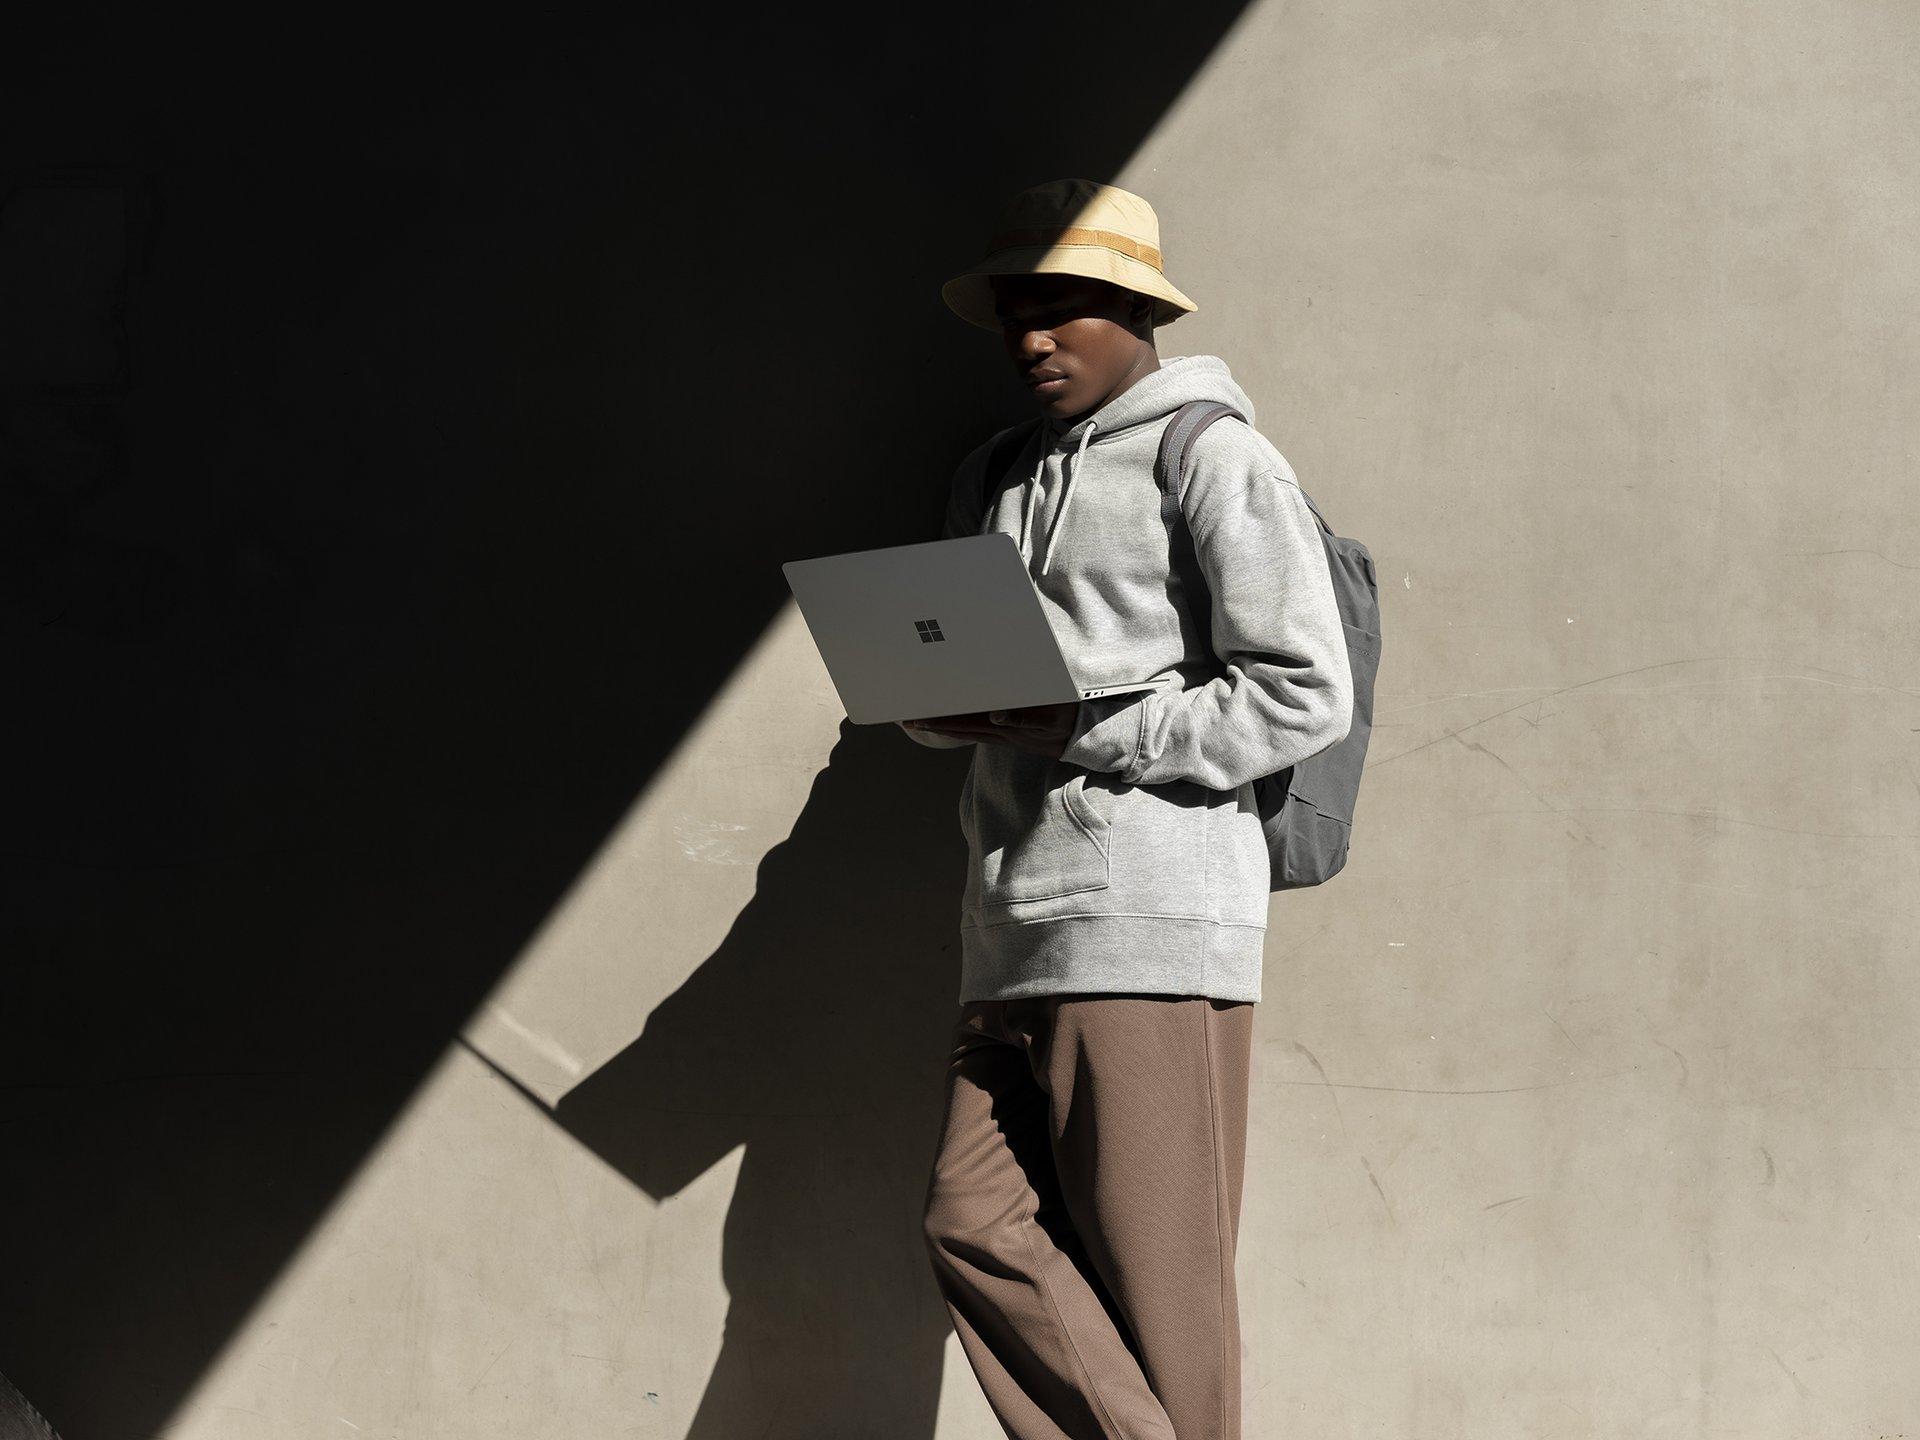 surface laptop go (5)_23